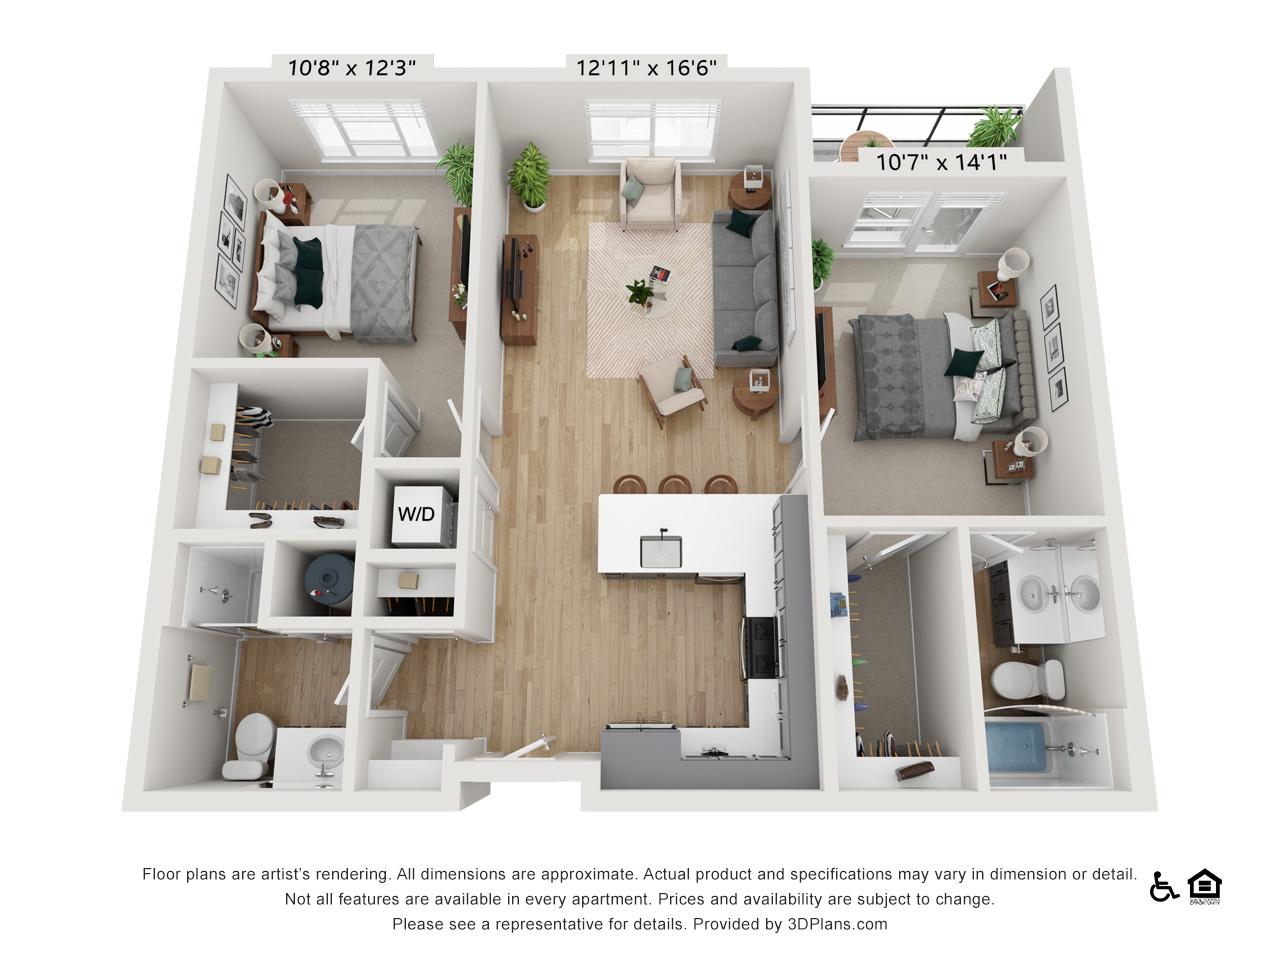 Two Bedroom B | 2 Bedrooms | 2 Bathrooms | 1,009-1,025 sq ft